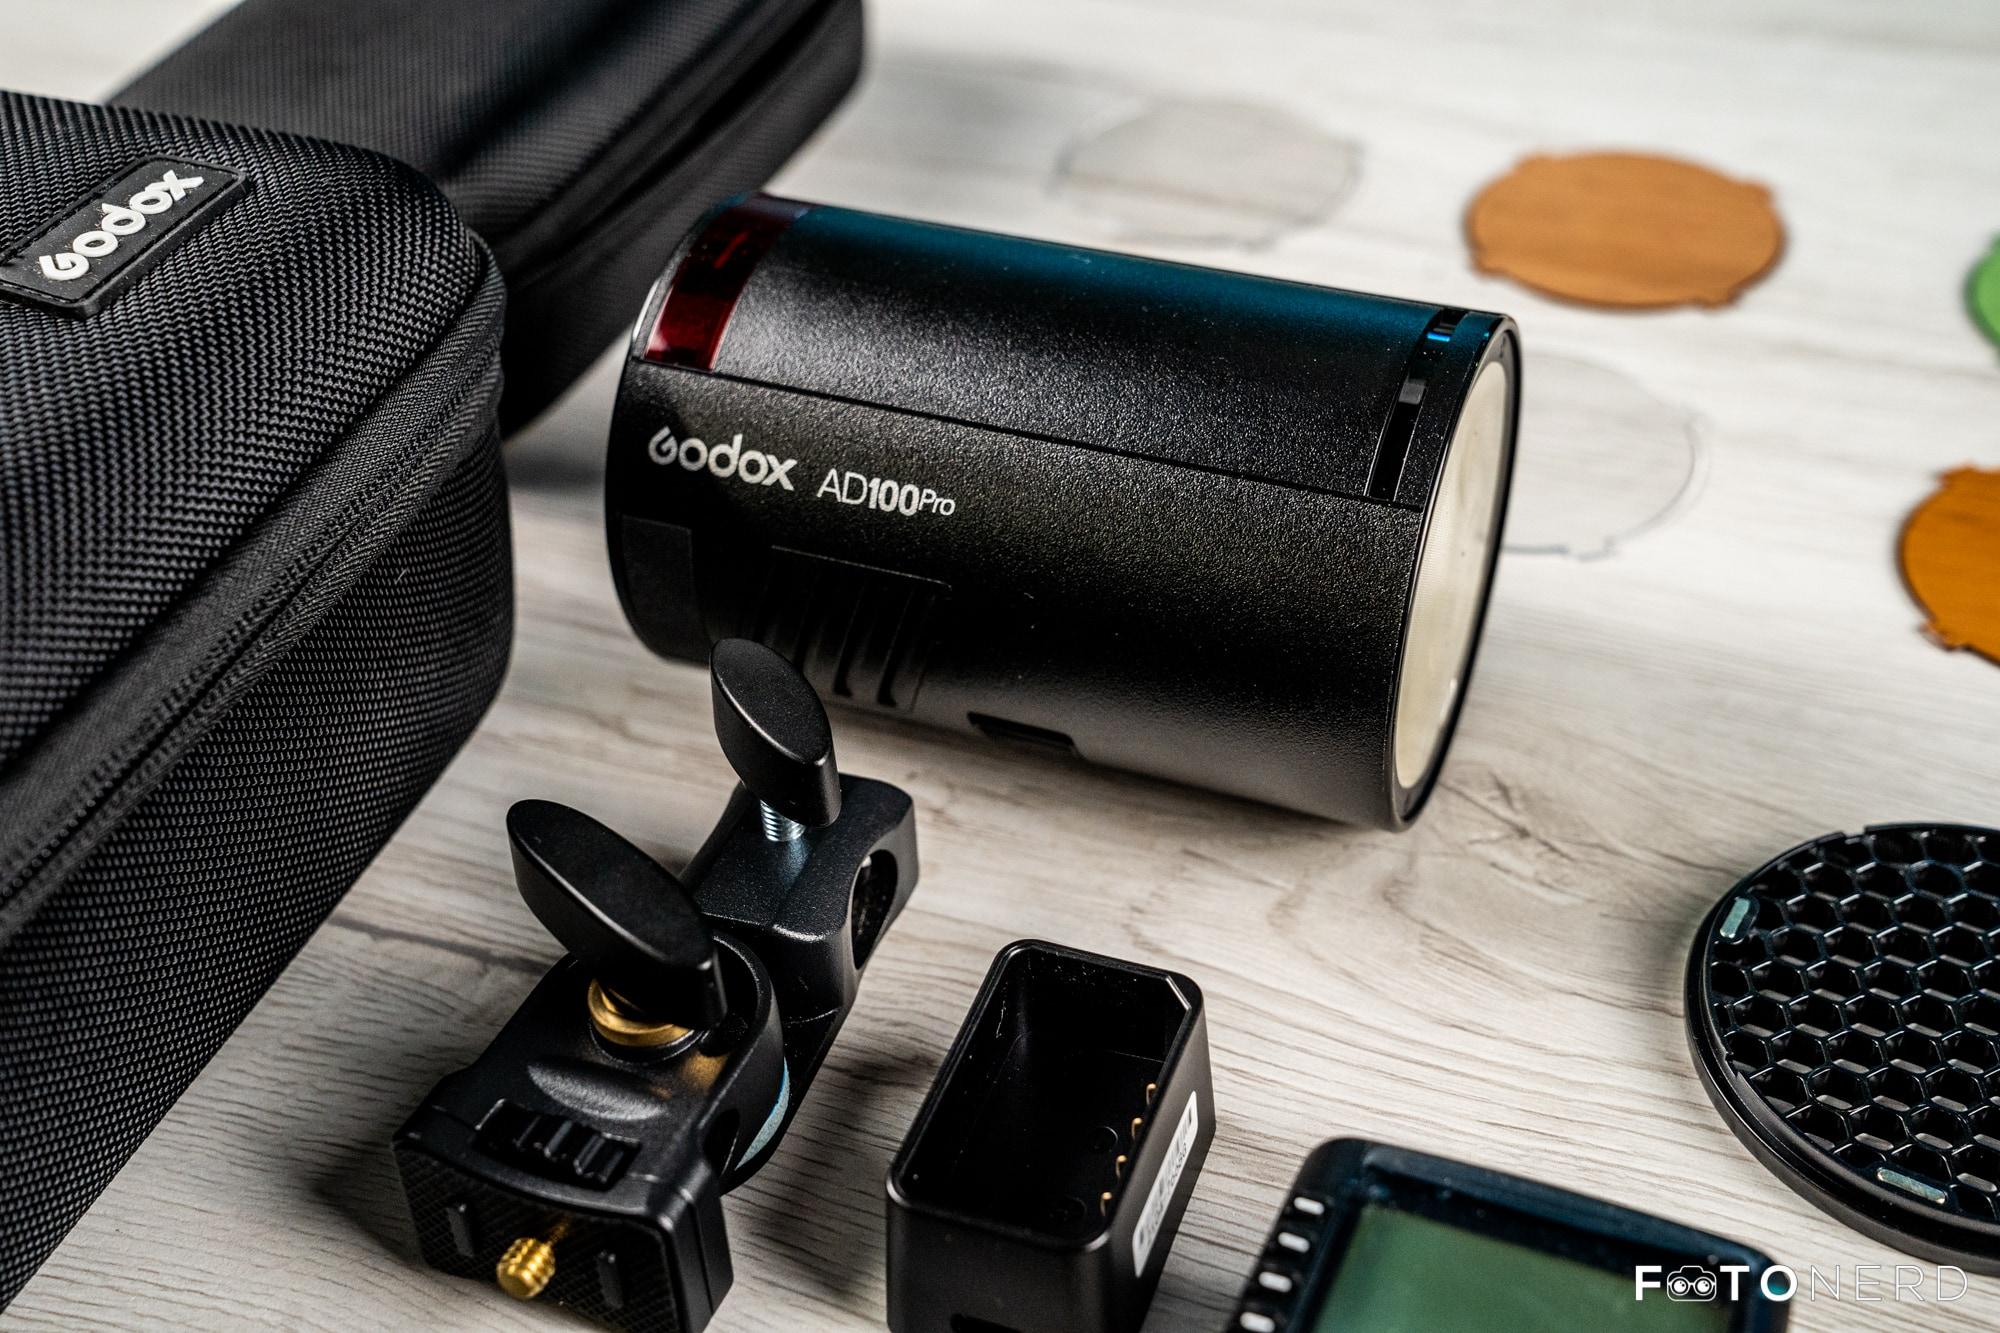 Godox AD100 Pro recensione